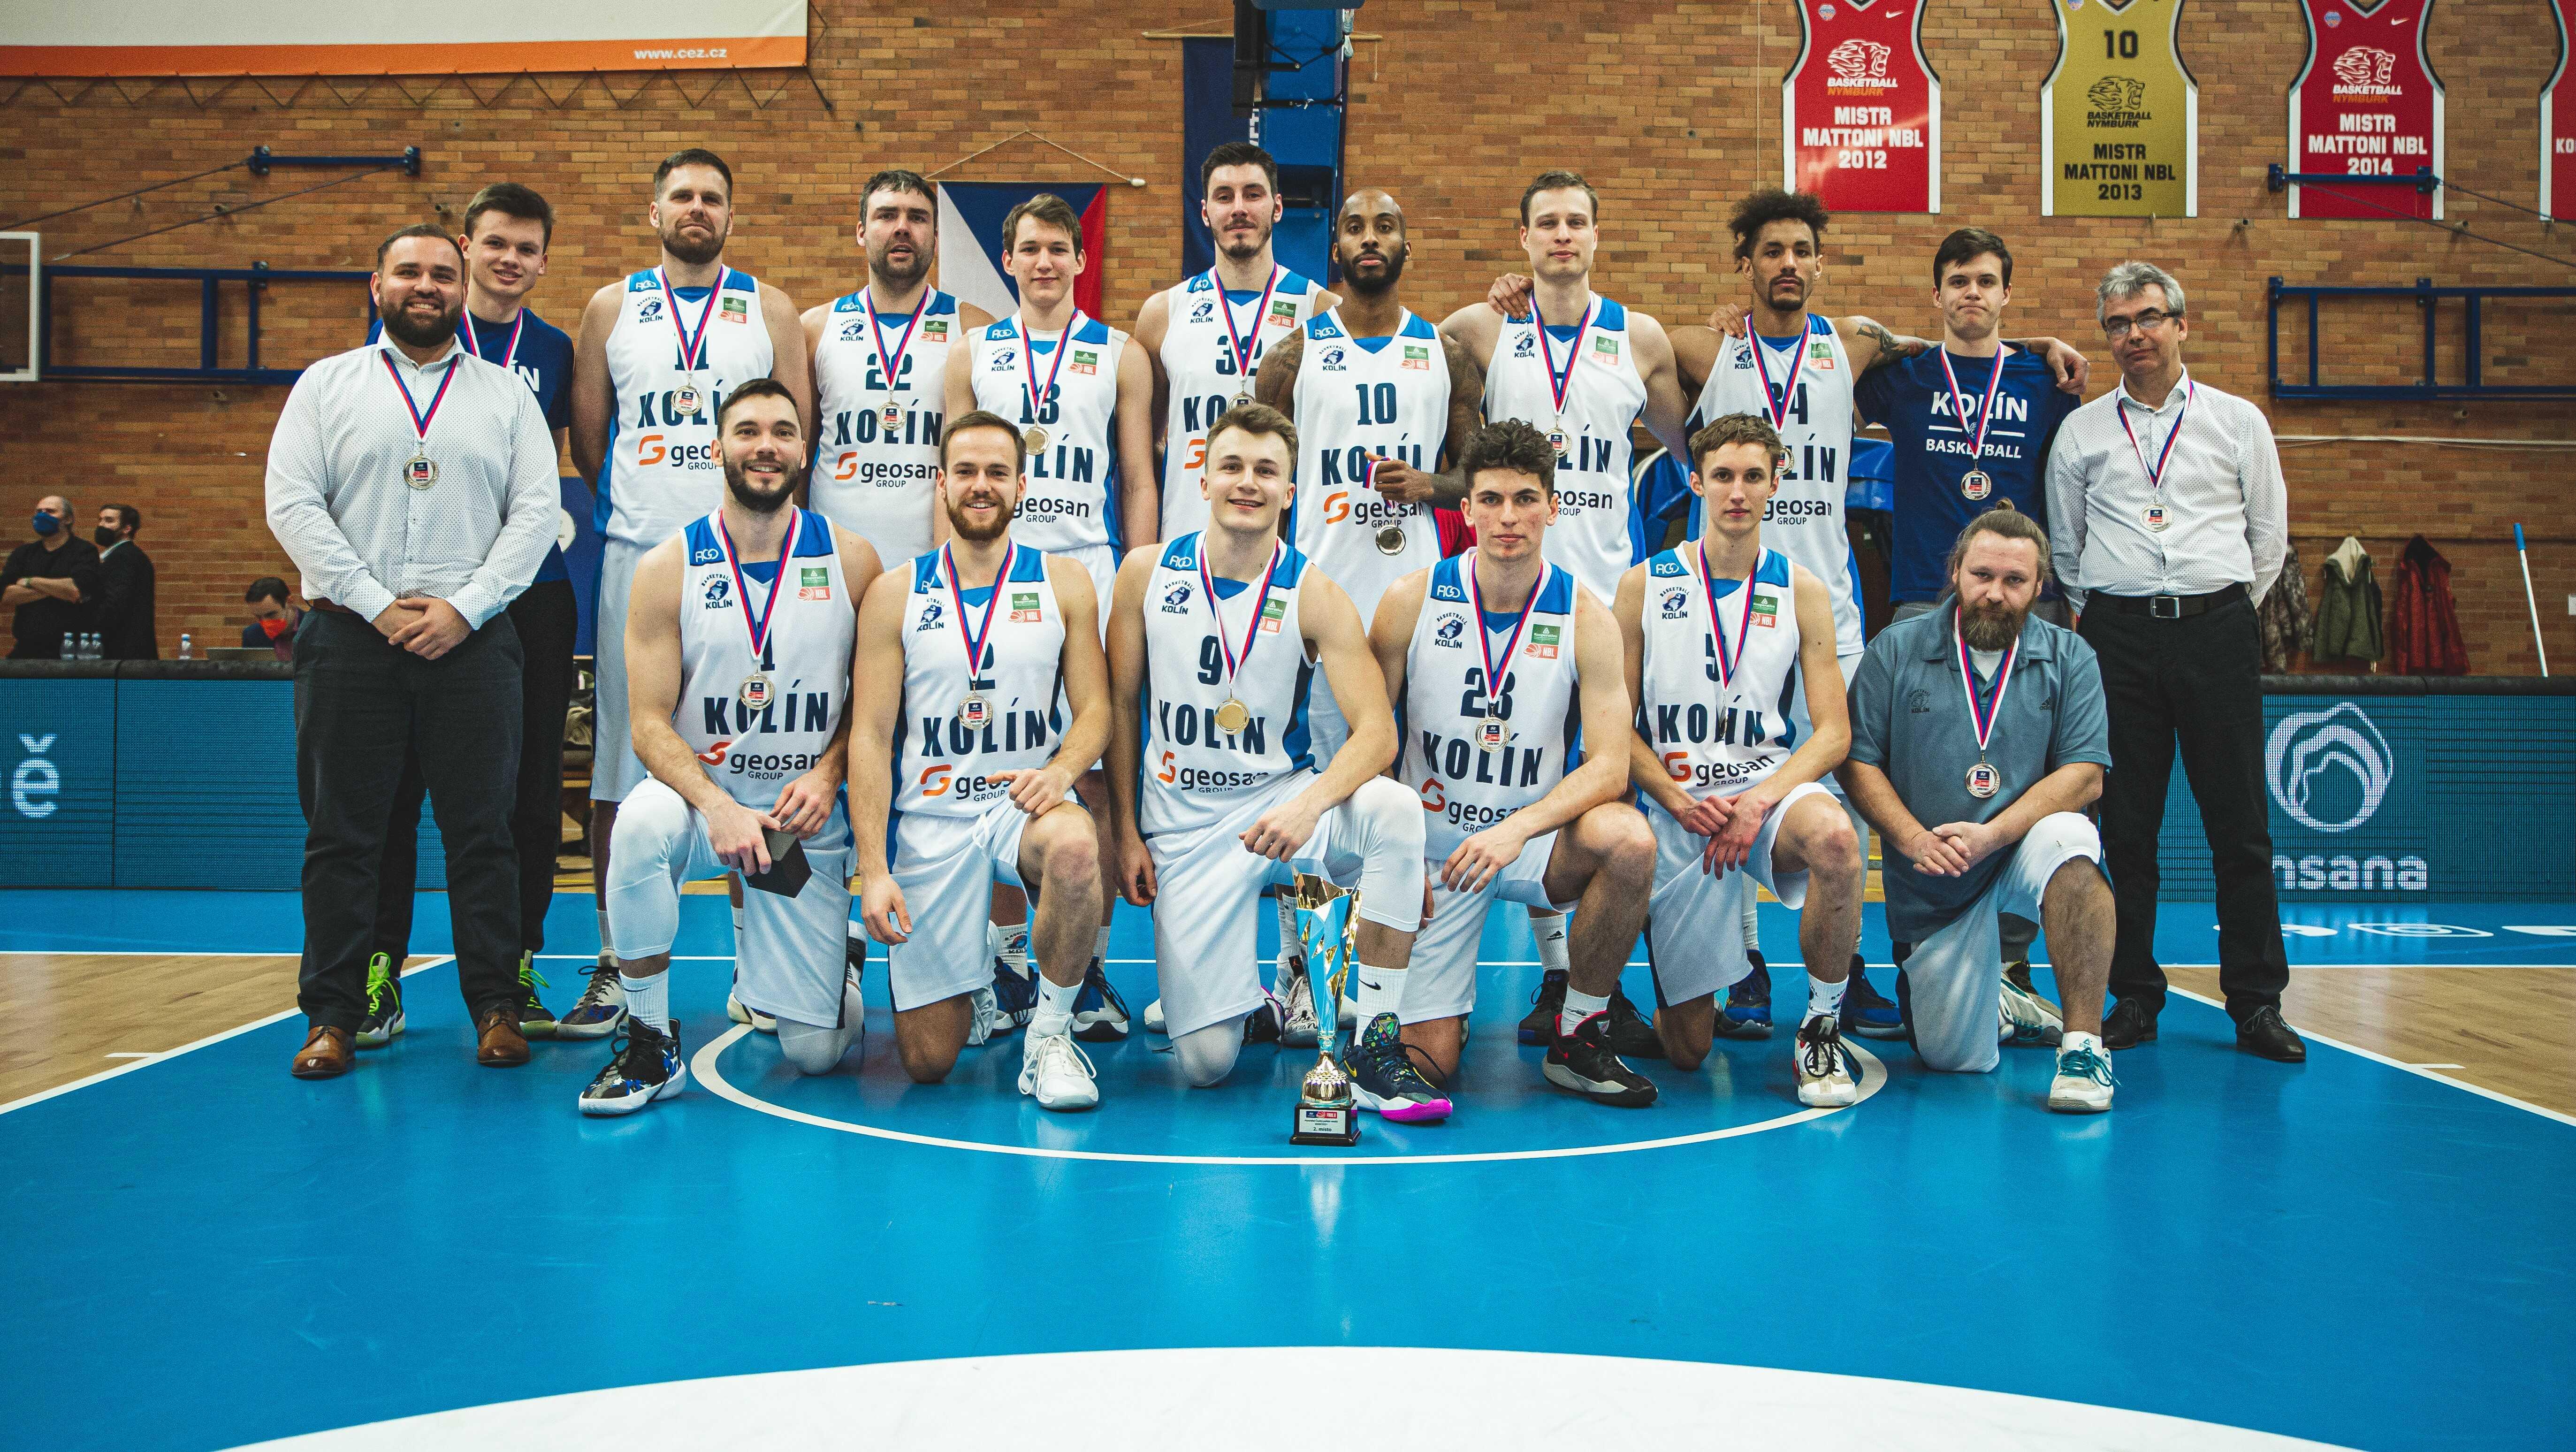 Kolínští basketbalisté letos přepisují klubovou historii.